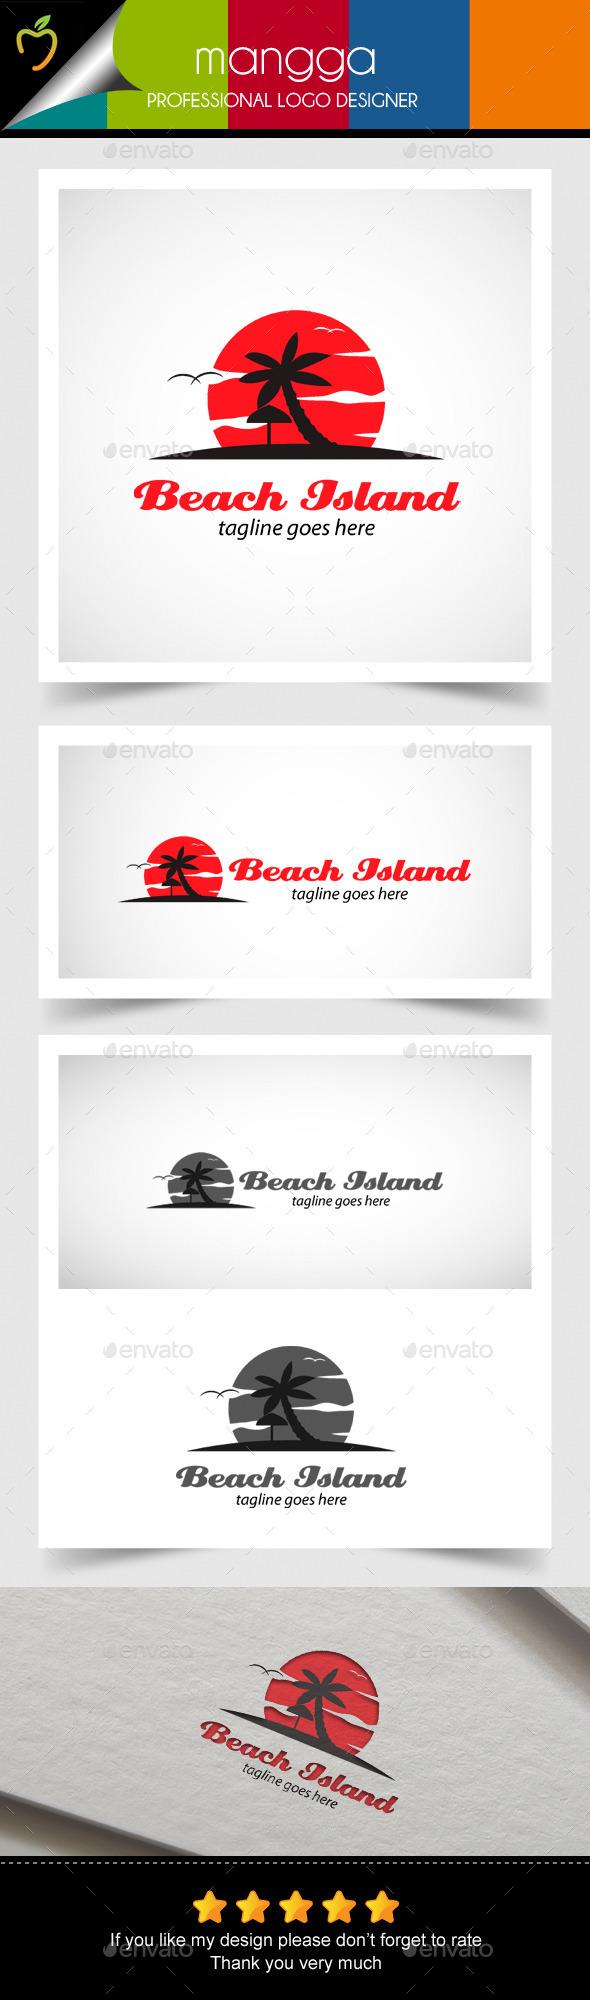 GraphicRiver Beach Island Logo 10623907